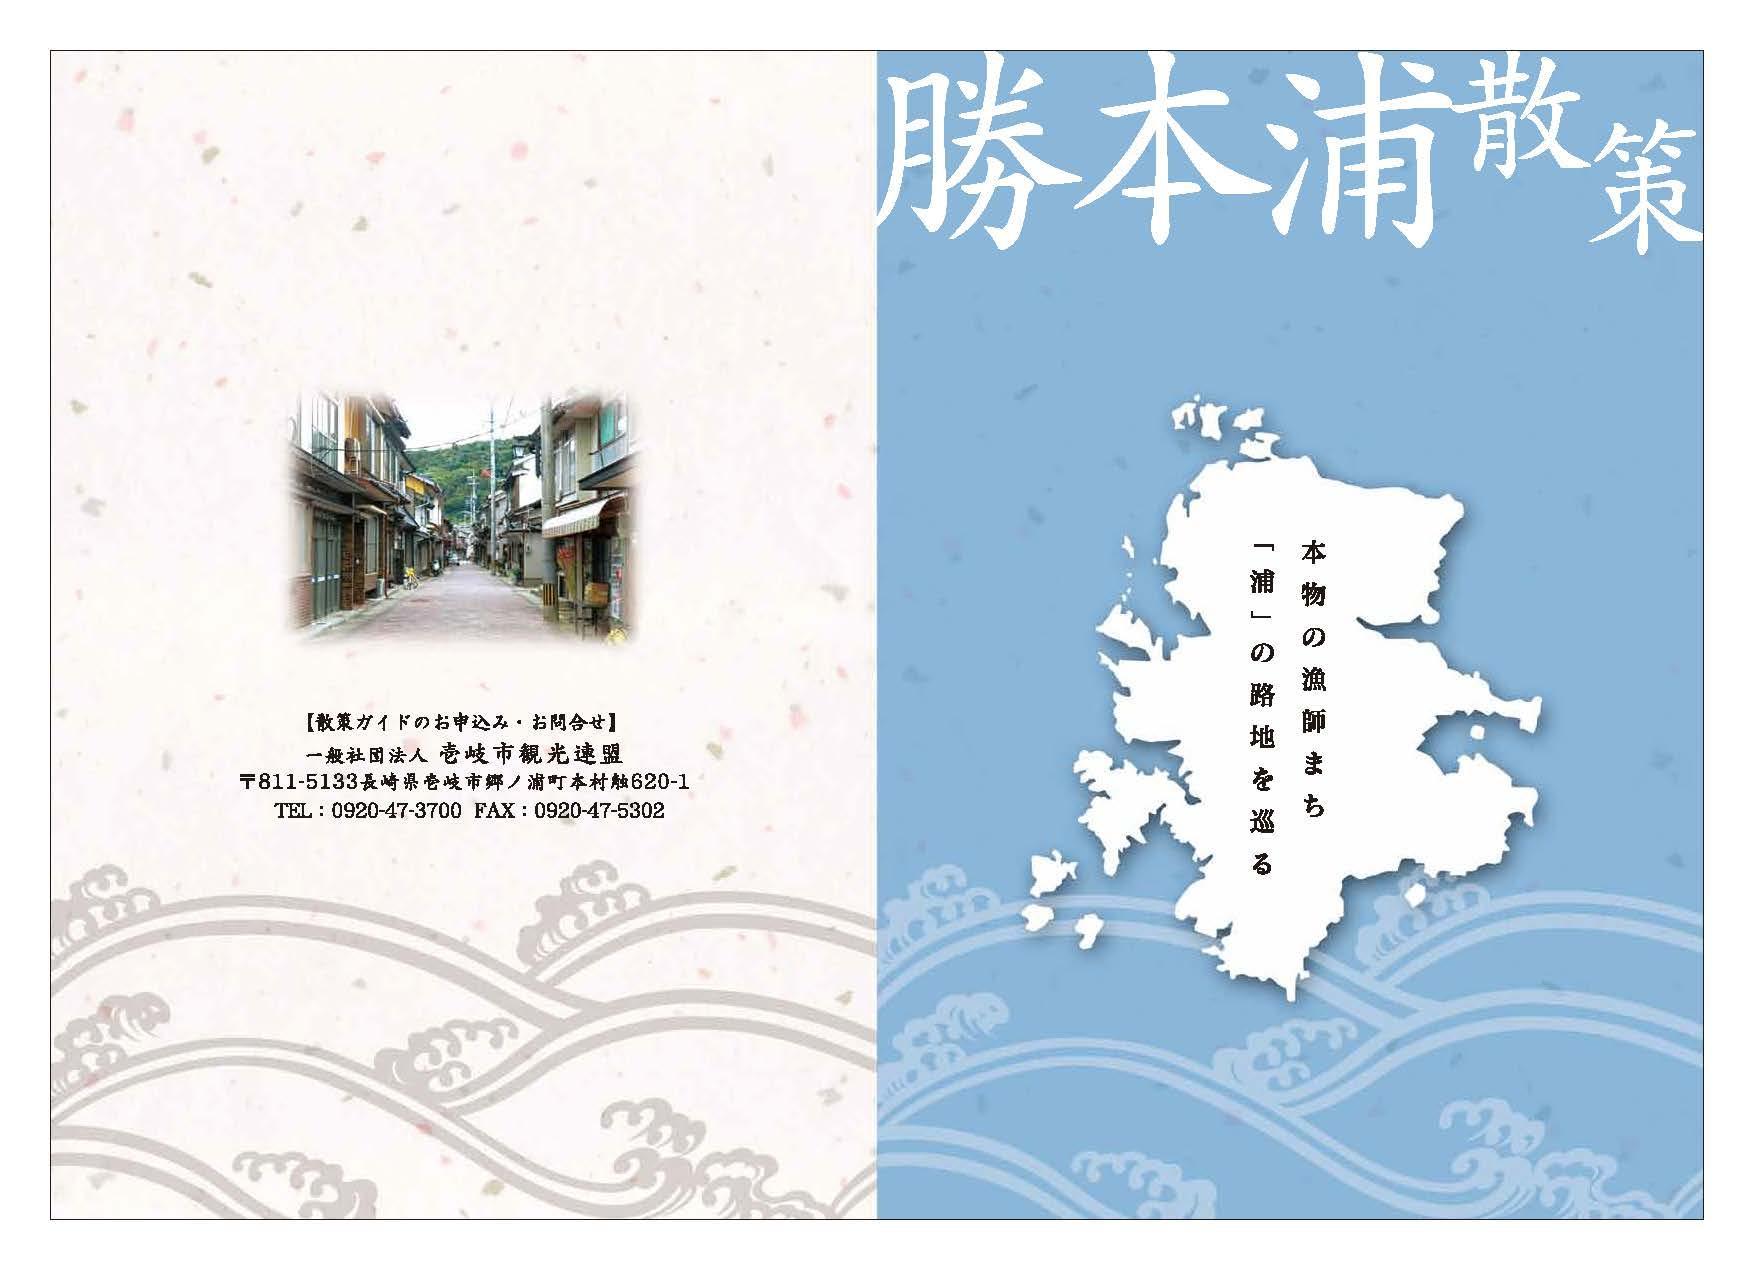 勝本浦散策マップ-1